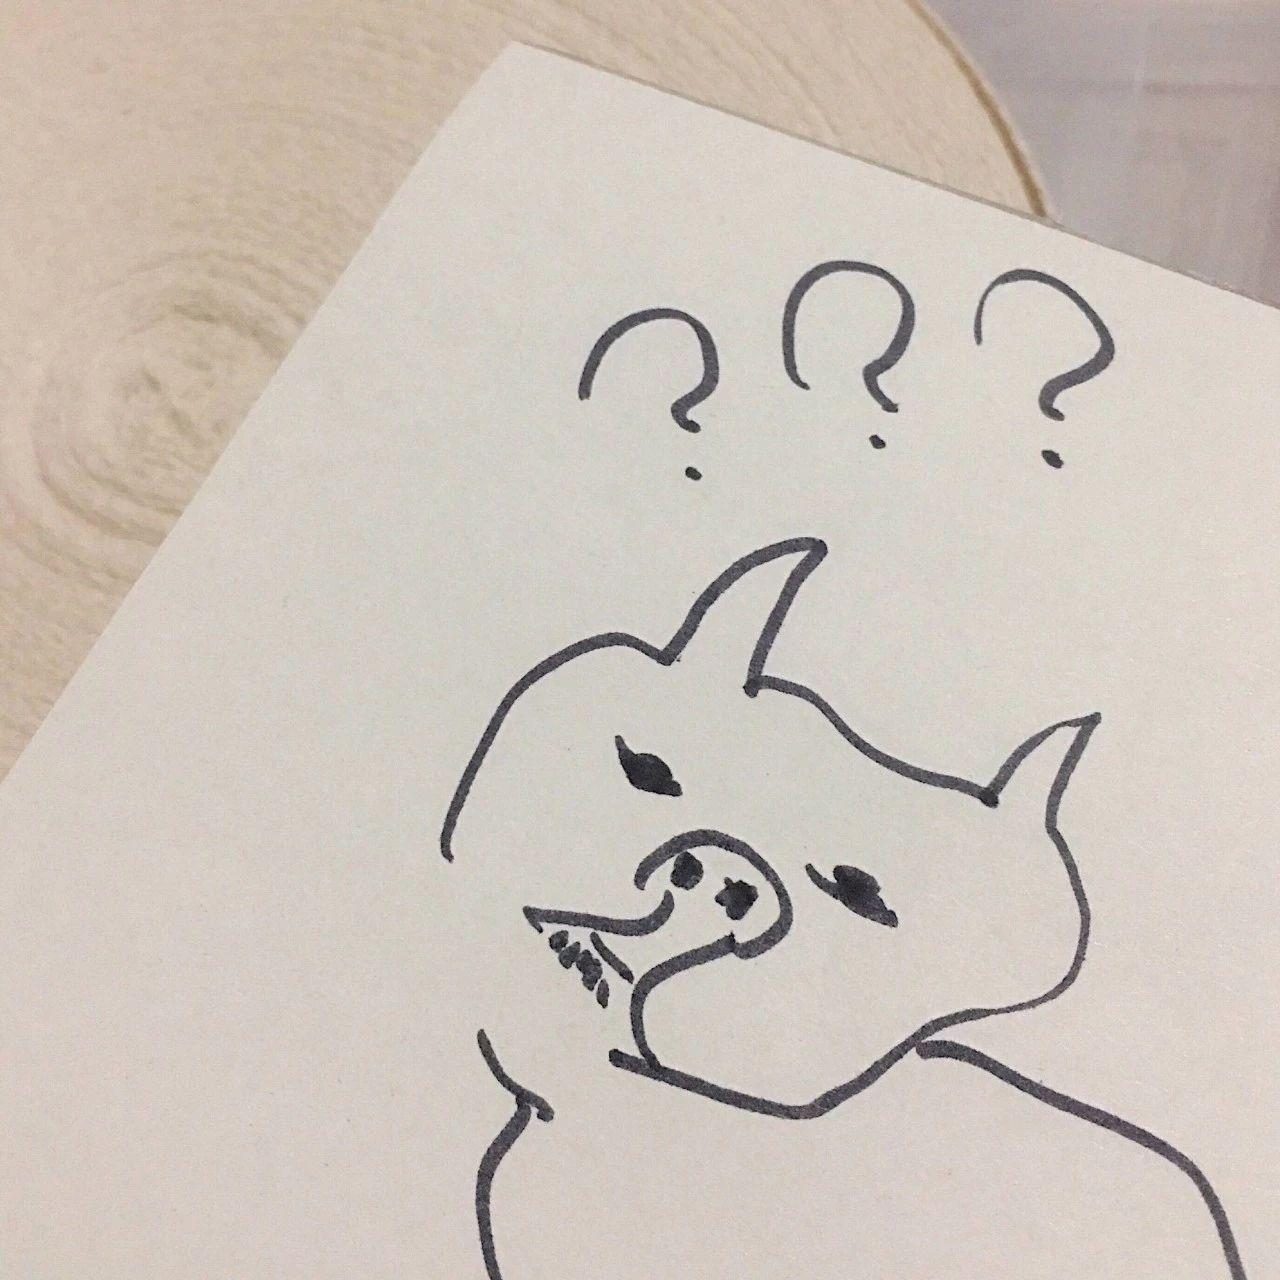 朋友圈封面图:个性搞怪,哪一张最喜欢你?插图3